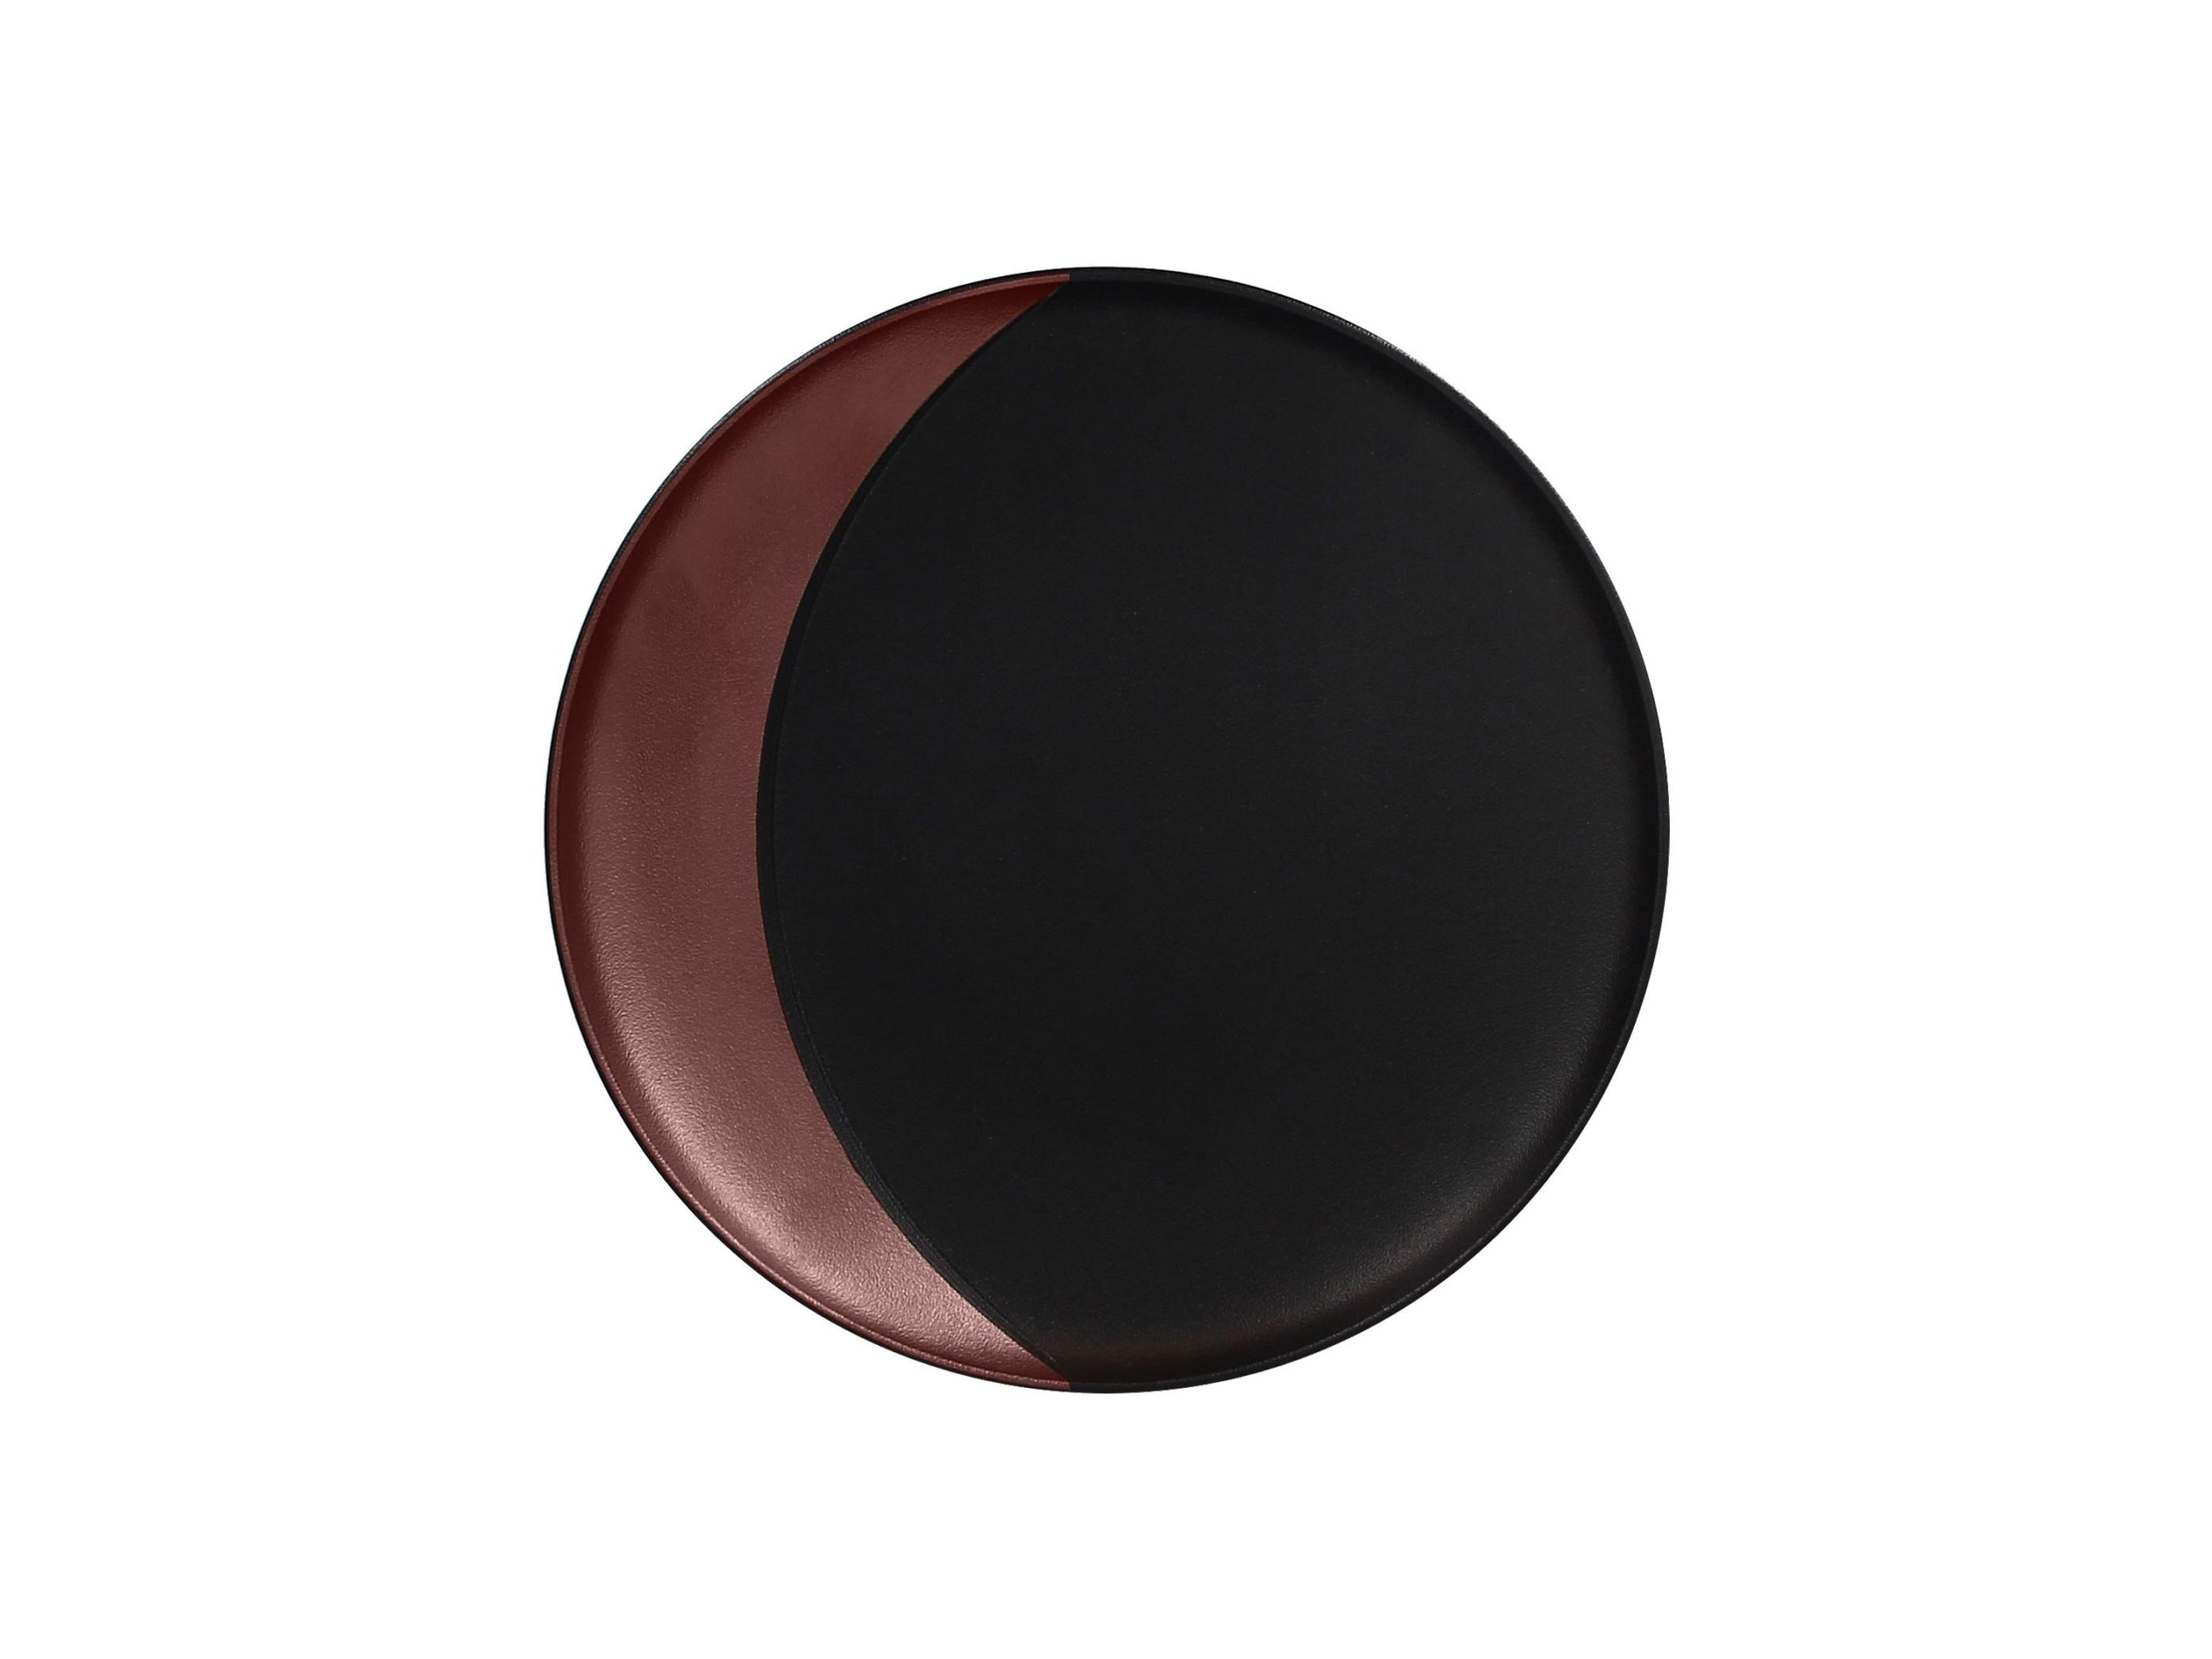 RAK | Metalfusion talíř hluboký pr. 27 cm, černo-bronzový